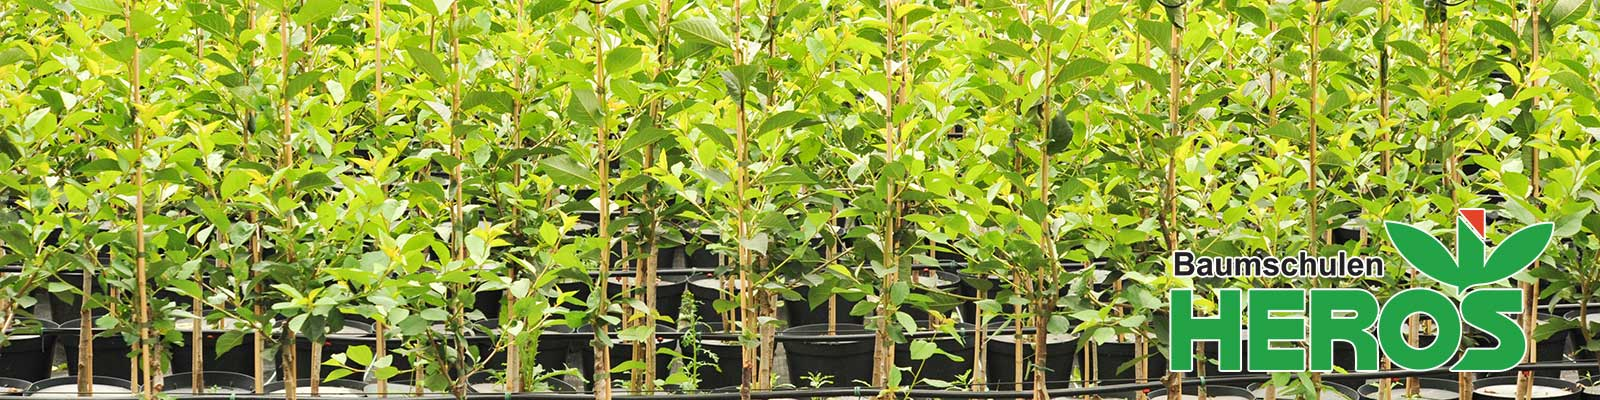 pfirsichfarbene rosen kaufen